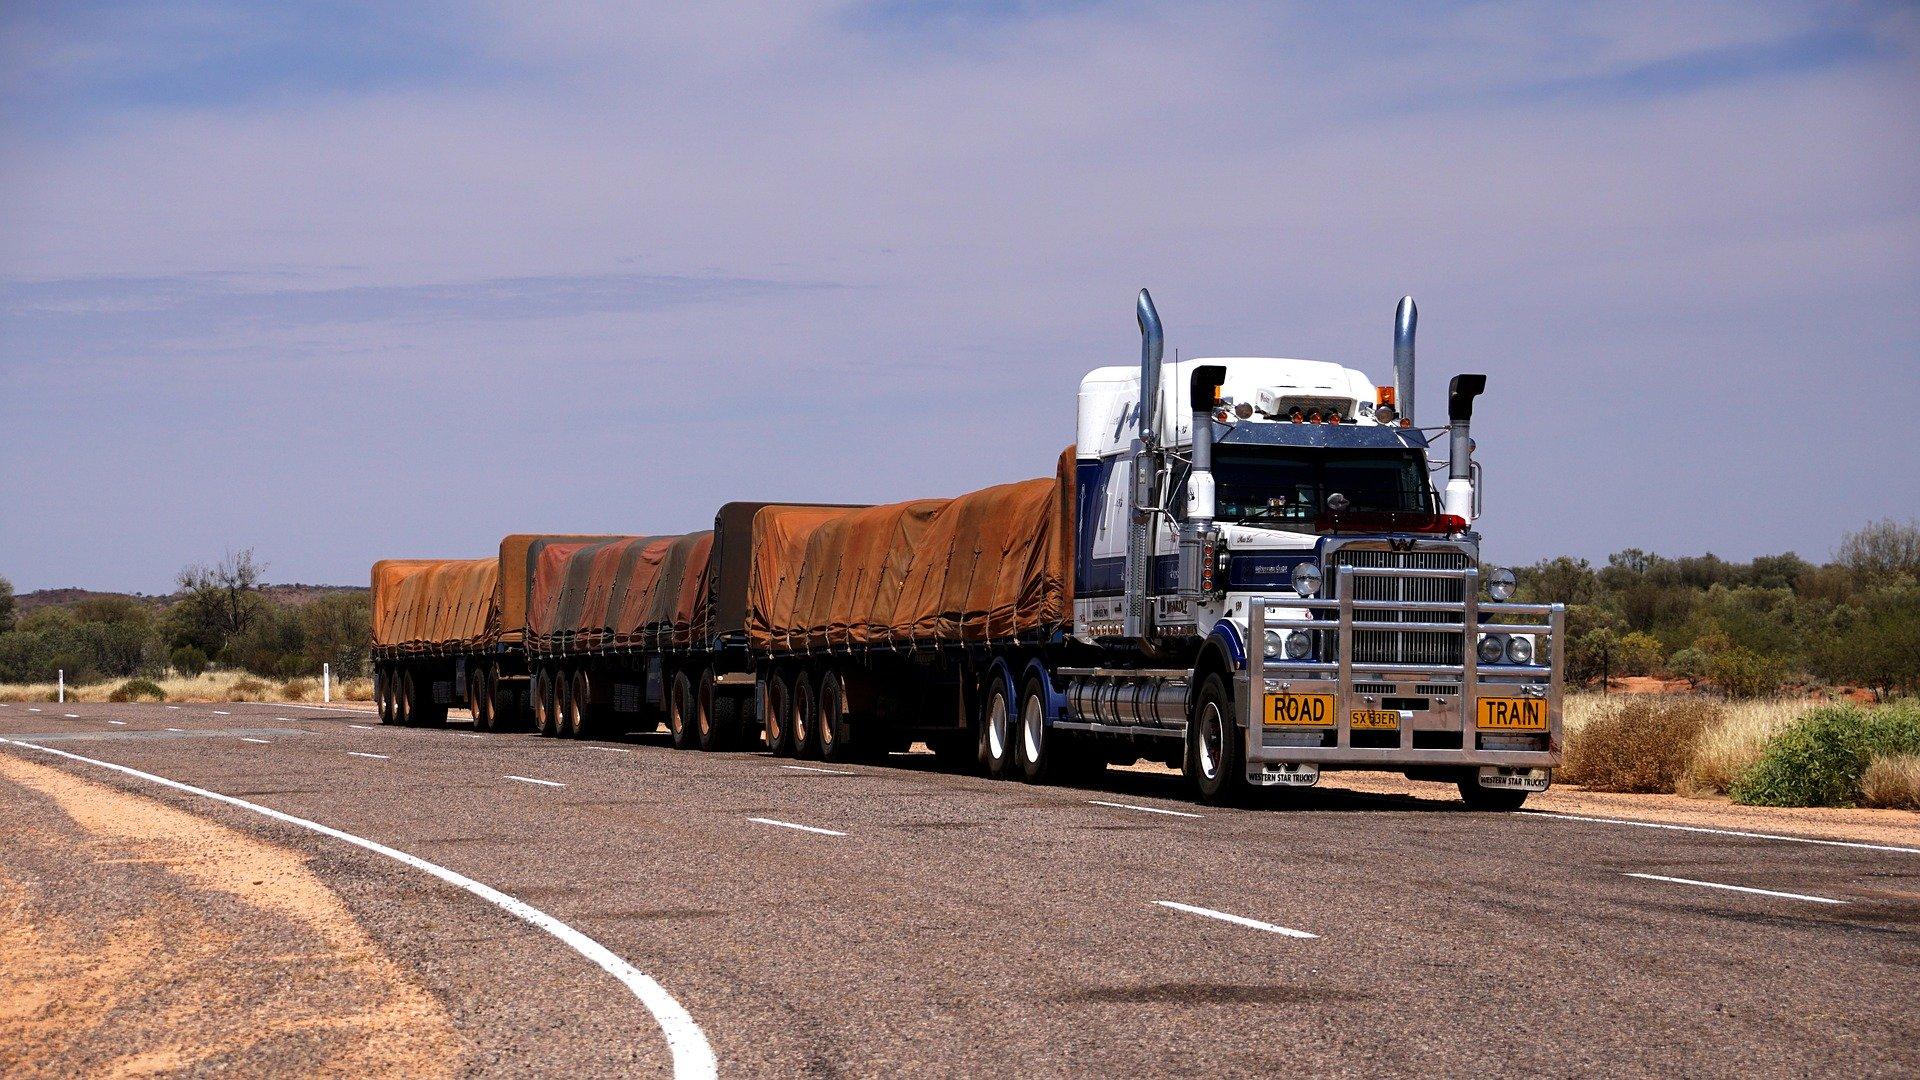 «C'est quand même dingue, qu'on soit obligé de chier dans nos camions» : le quotidien révoltant des routiers totalement oubliés